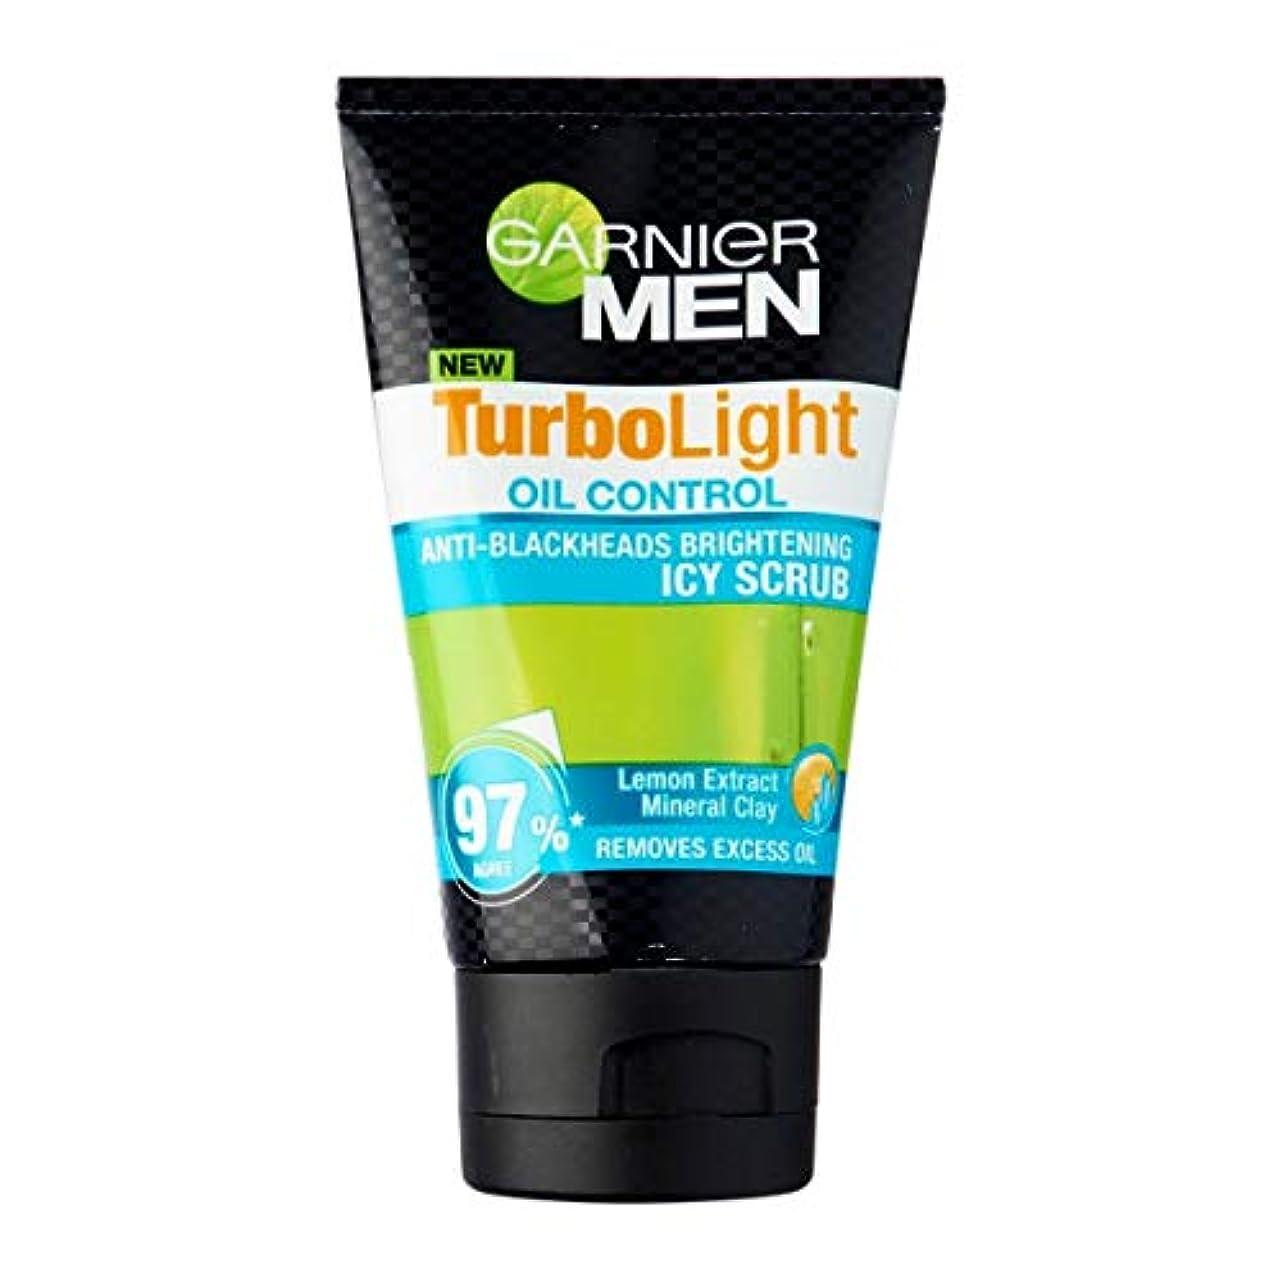 プログレッシブ特許病んでいるGarnier Men turbolight オイルコントロールアイシースクラブ 50ml-毛穴取り除くマイクロ研磨ビーズ、このスクラブは、余分な油を除去し、目に見える黒ずみを減少させ、暗い斑点を明るくします。